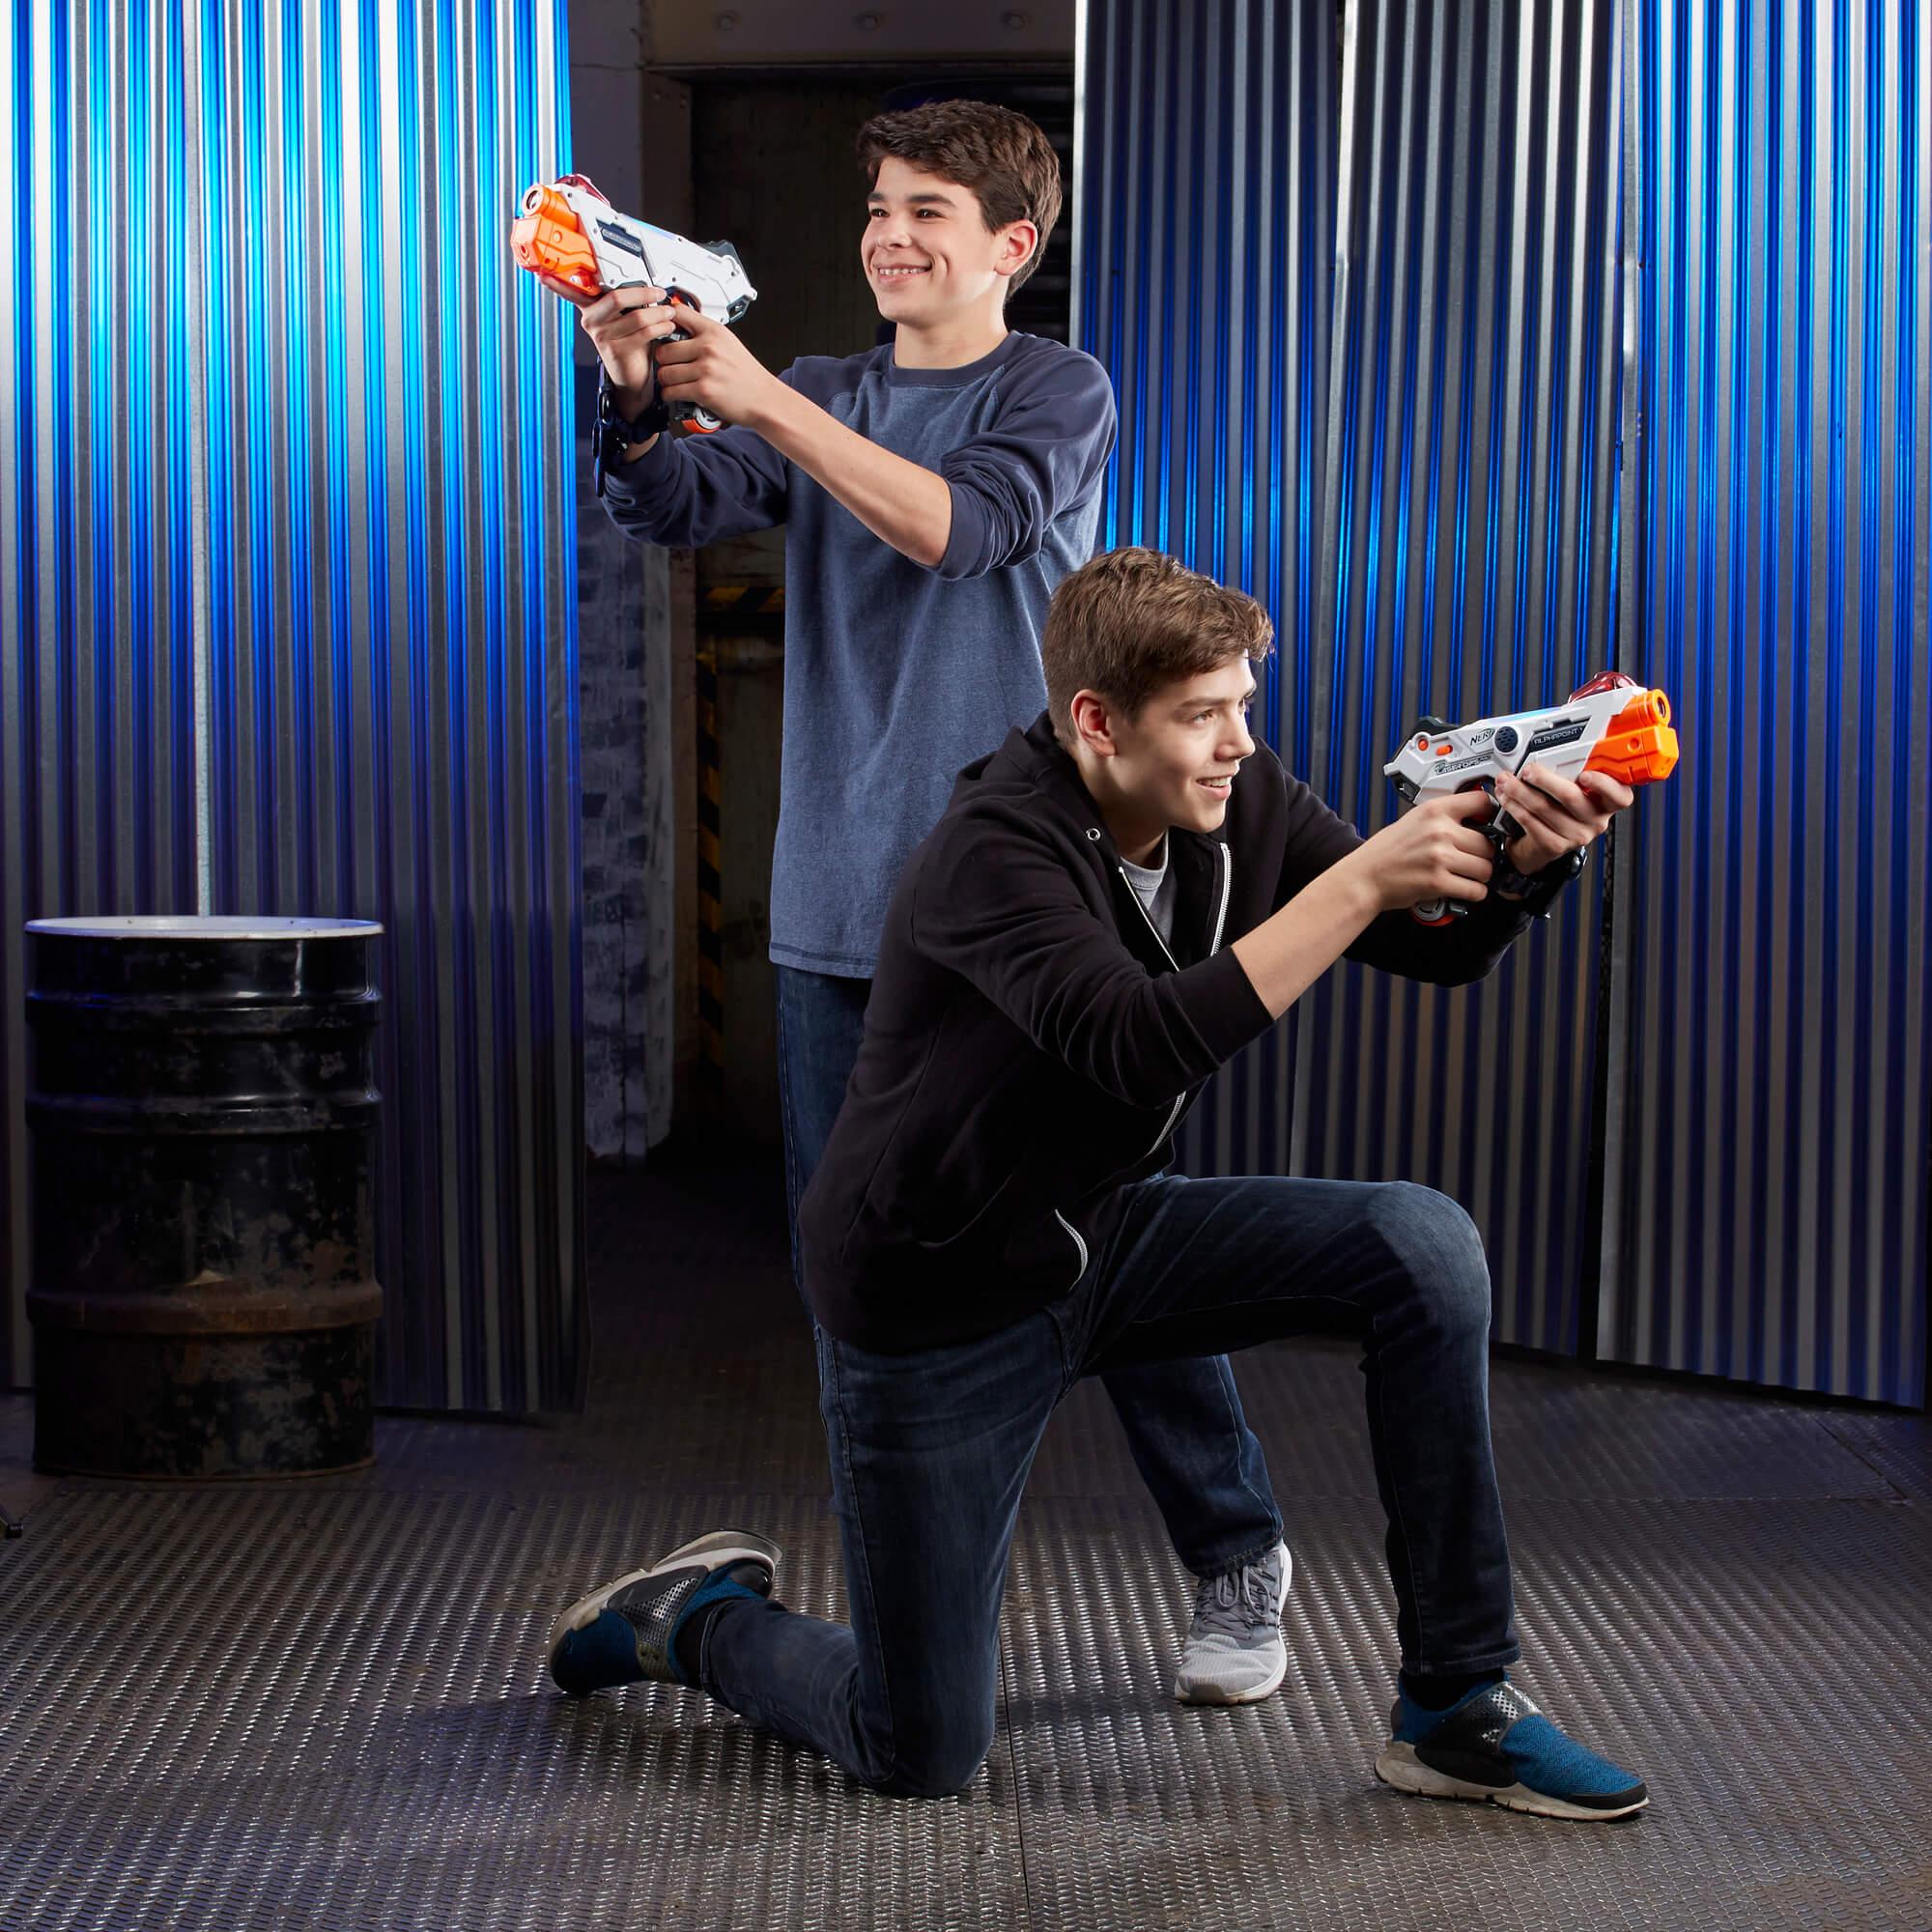 Mua đồ chơi súng NERF E2281 - (Mã: E2281) Bộ 2 Súng NERF Laser Ops Pro AlphaPoint (dòng Laser Ops)